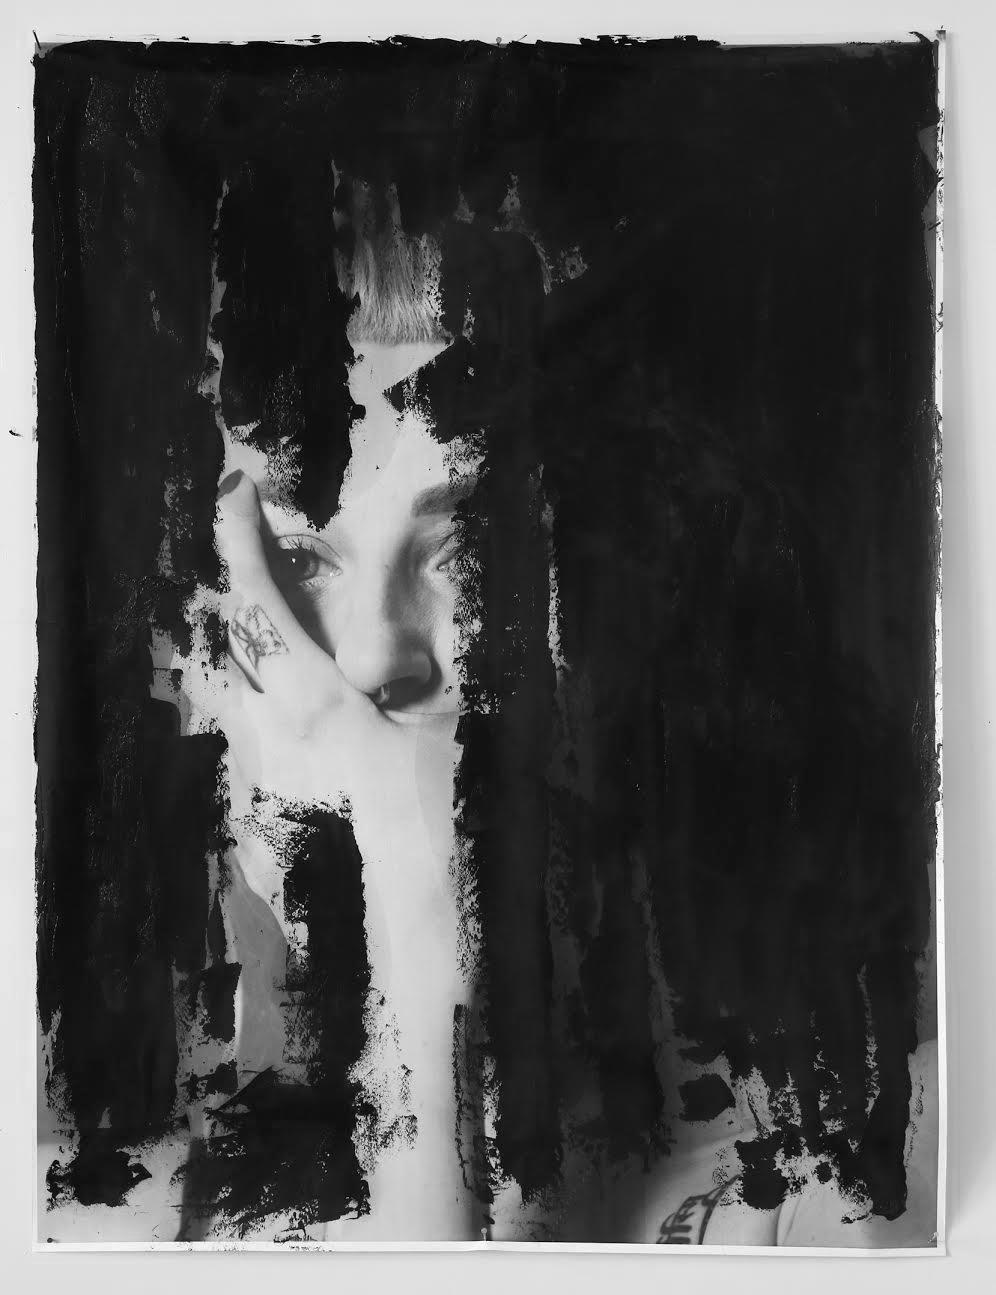 Impressions numériques sur papier d'ingénierie et peinture à l'huile - 3' x 4' - 2017